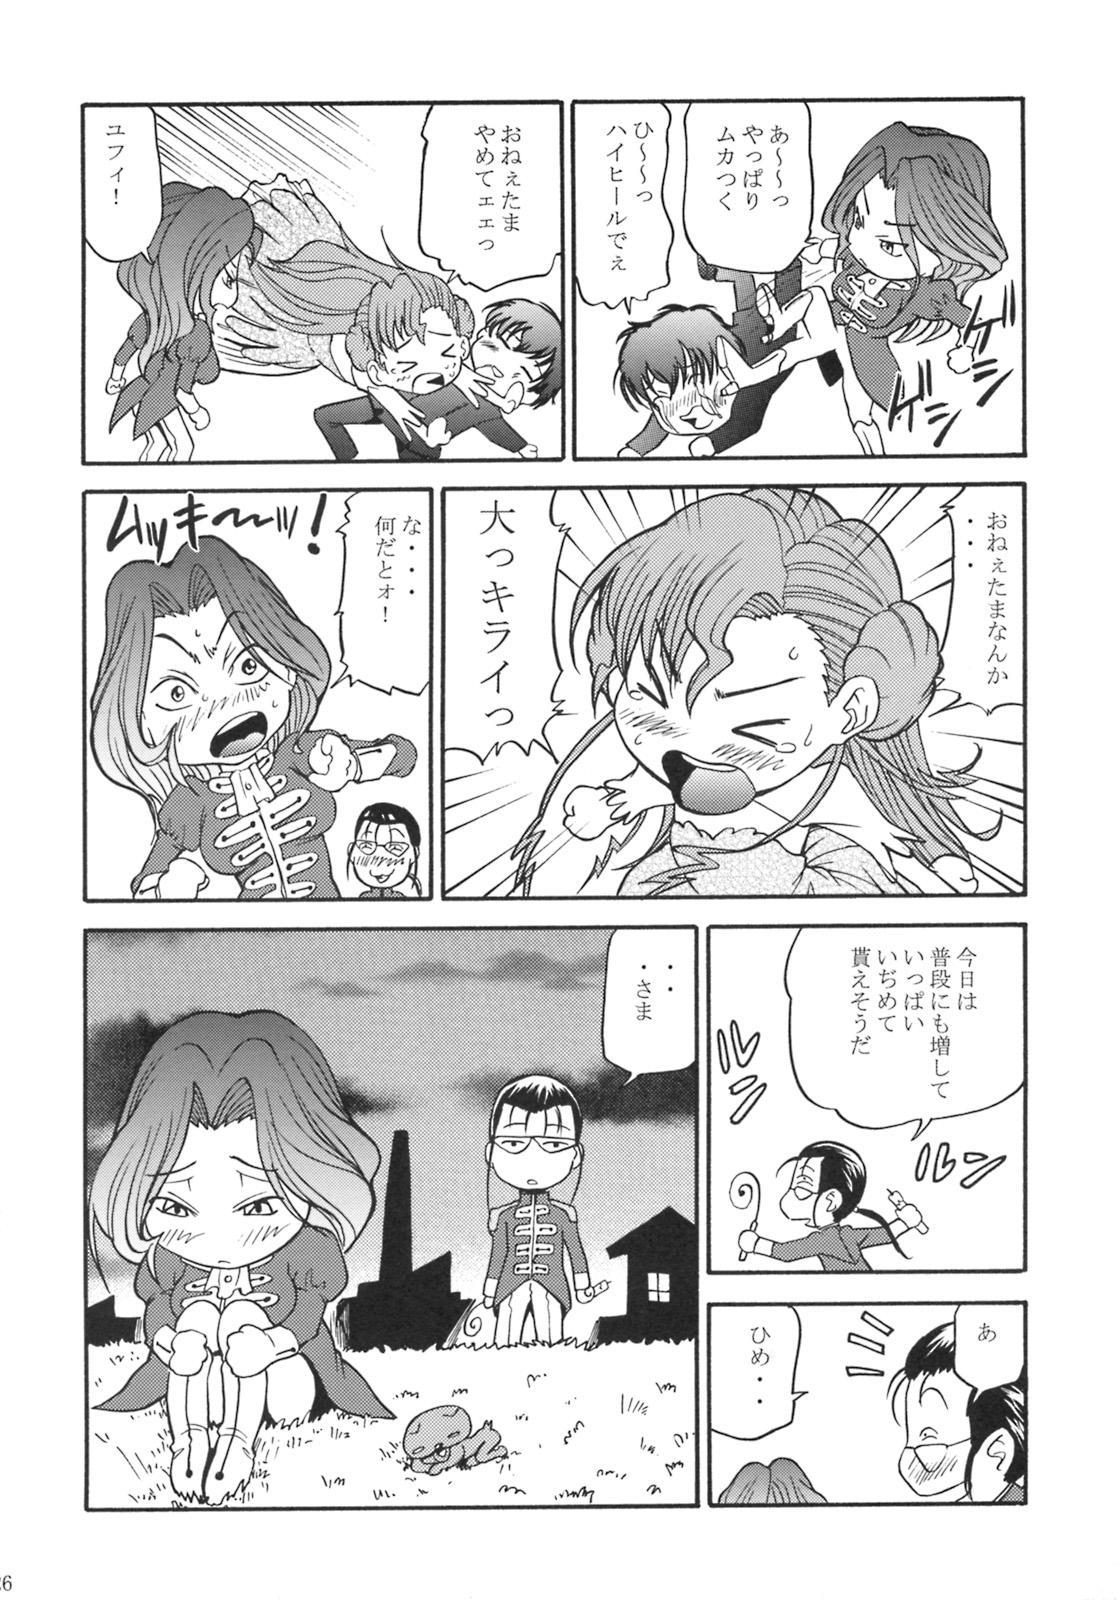 Kallen no Ryoujoku Nikki 24